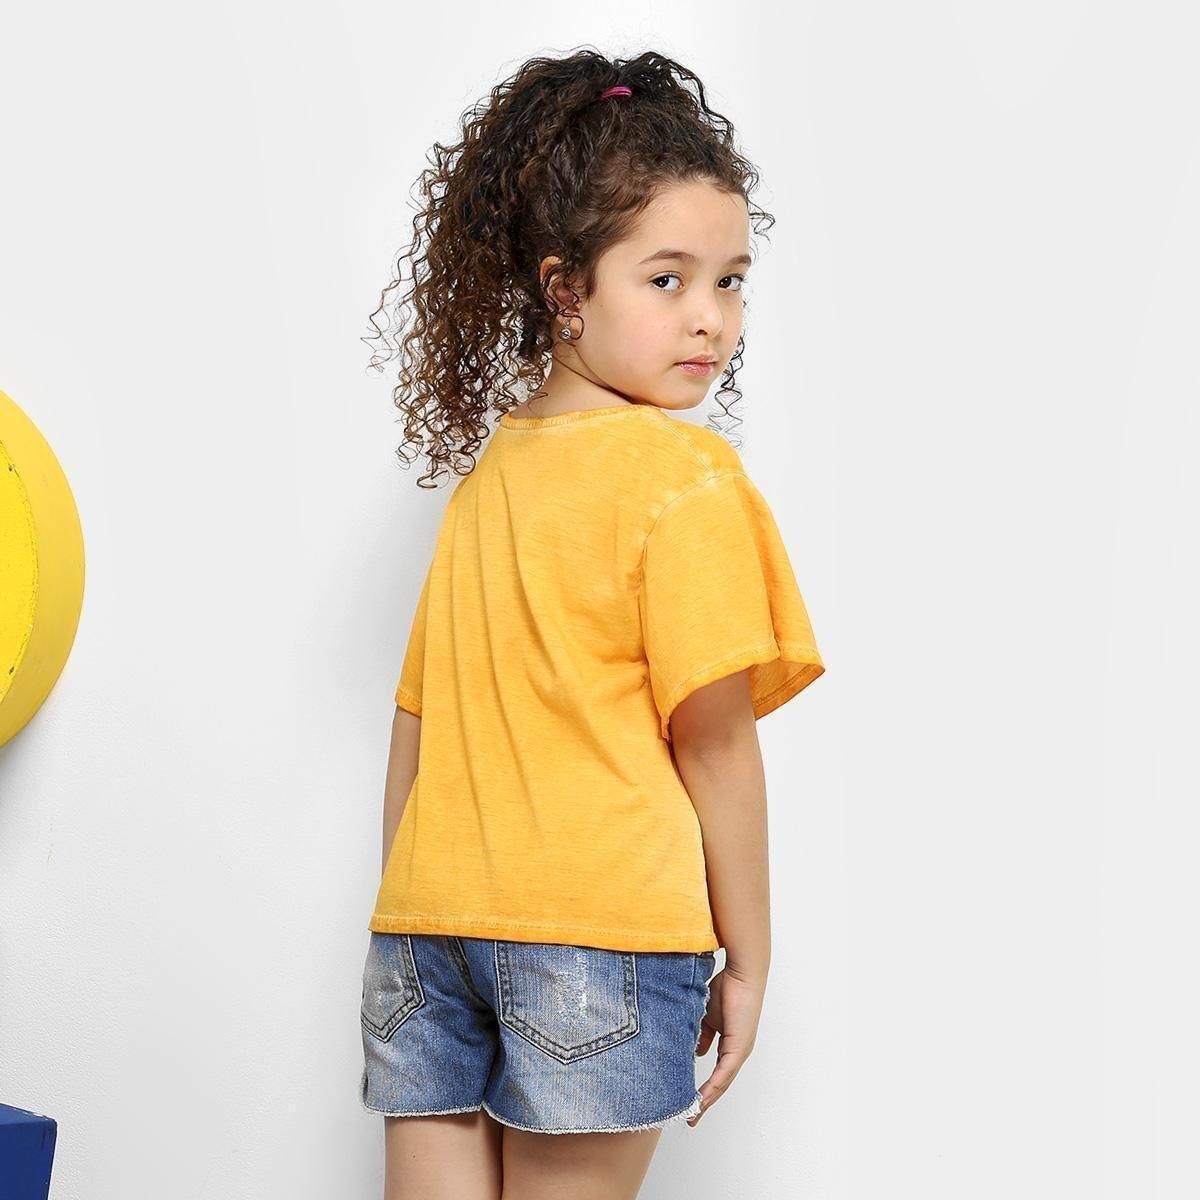 Infantil Lilica Camiseta Estonada Ripilica Estonada Laço Laço Ripilica Amarelo Camiseta Infantil Feminina Lilica xqw0xfYZ